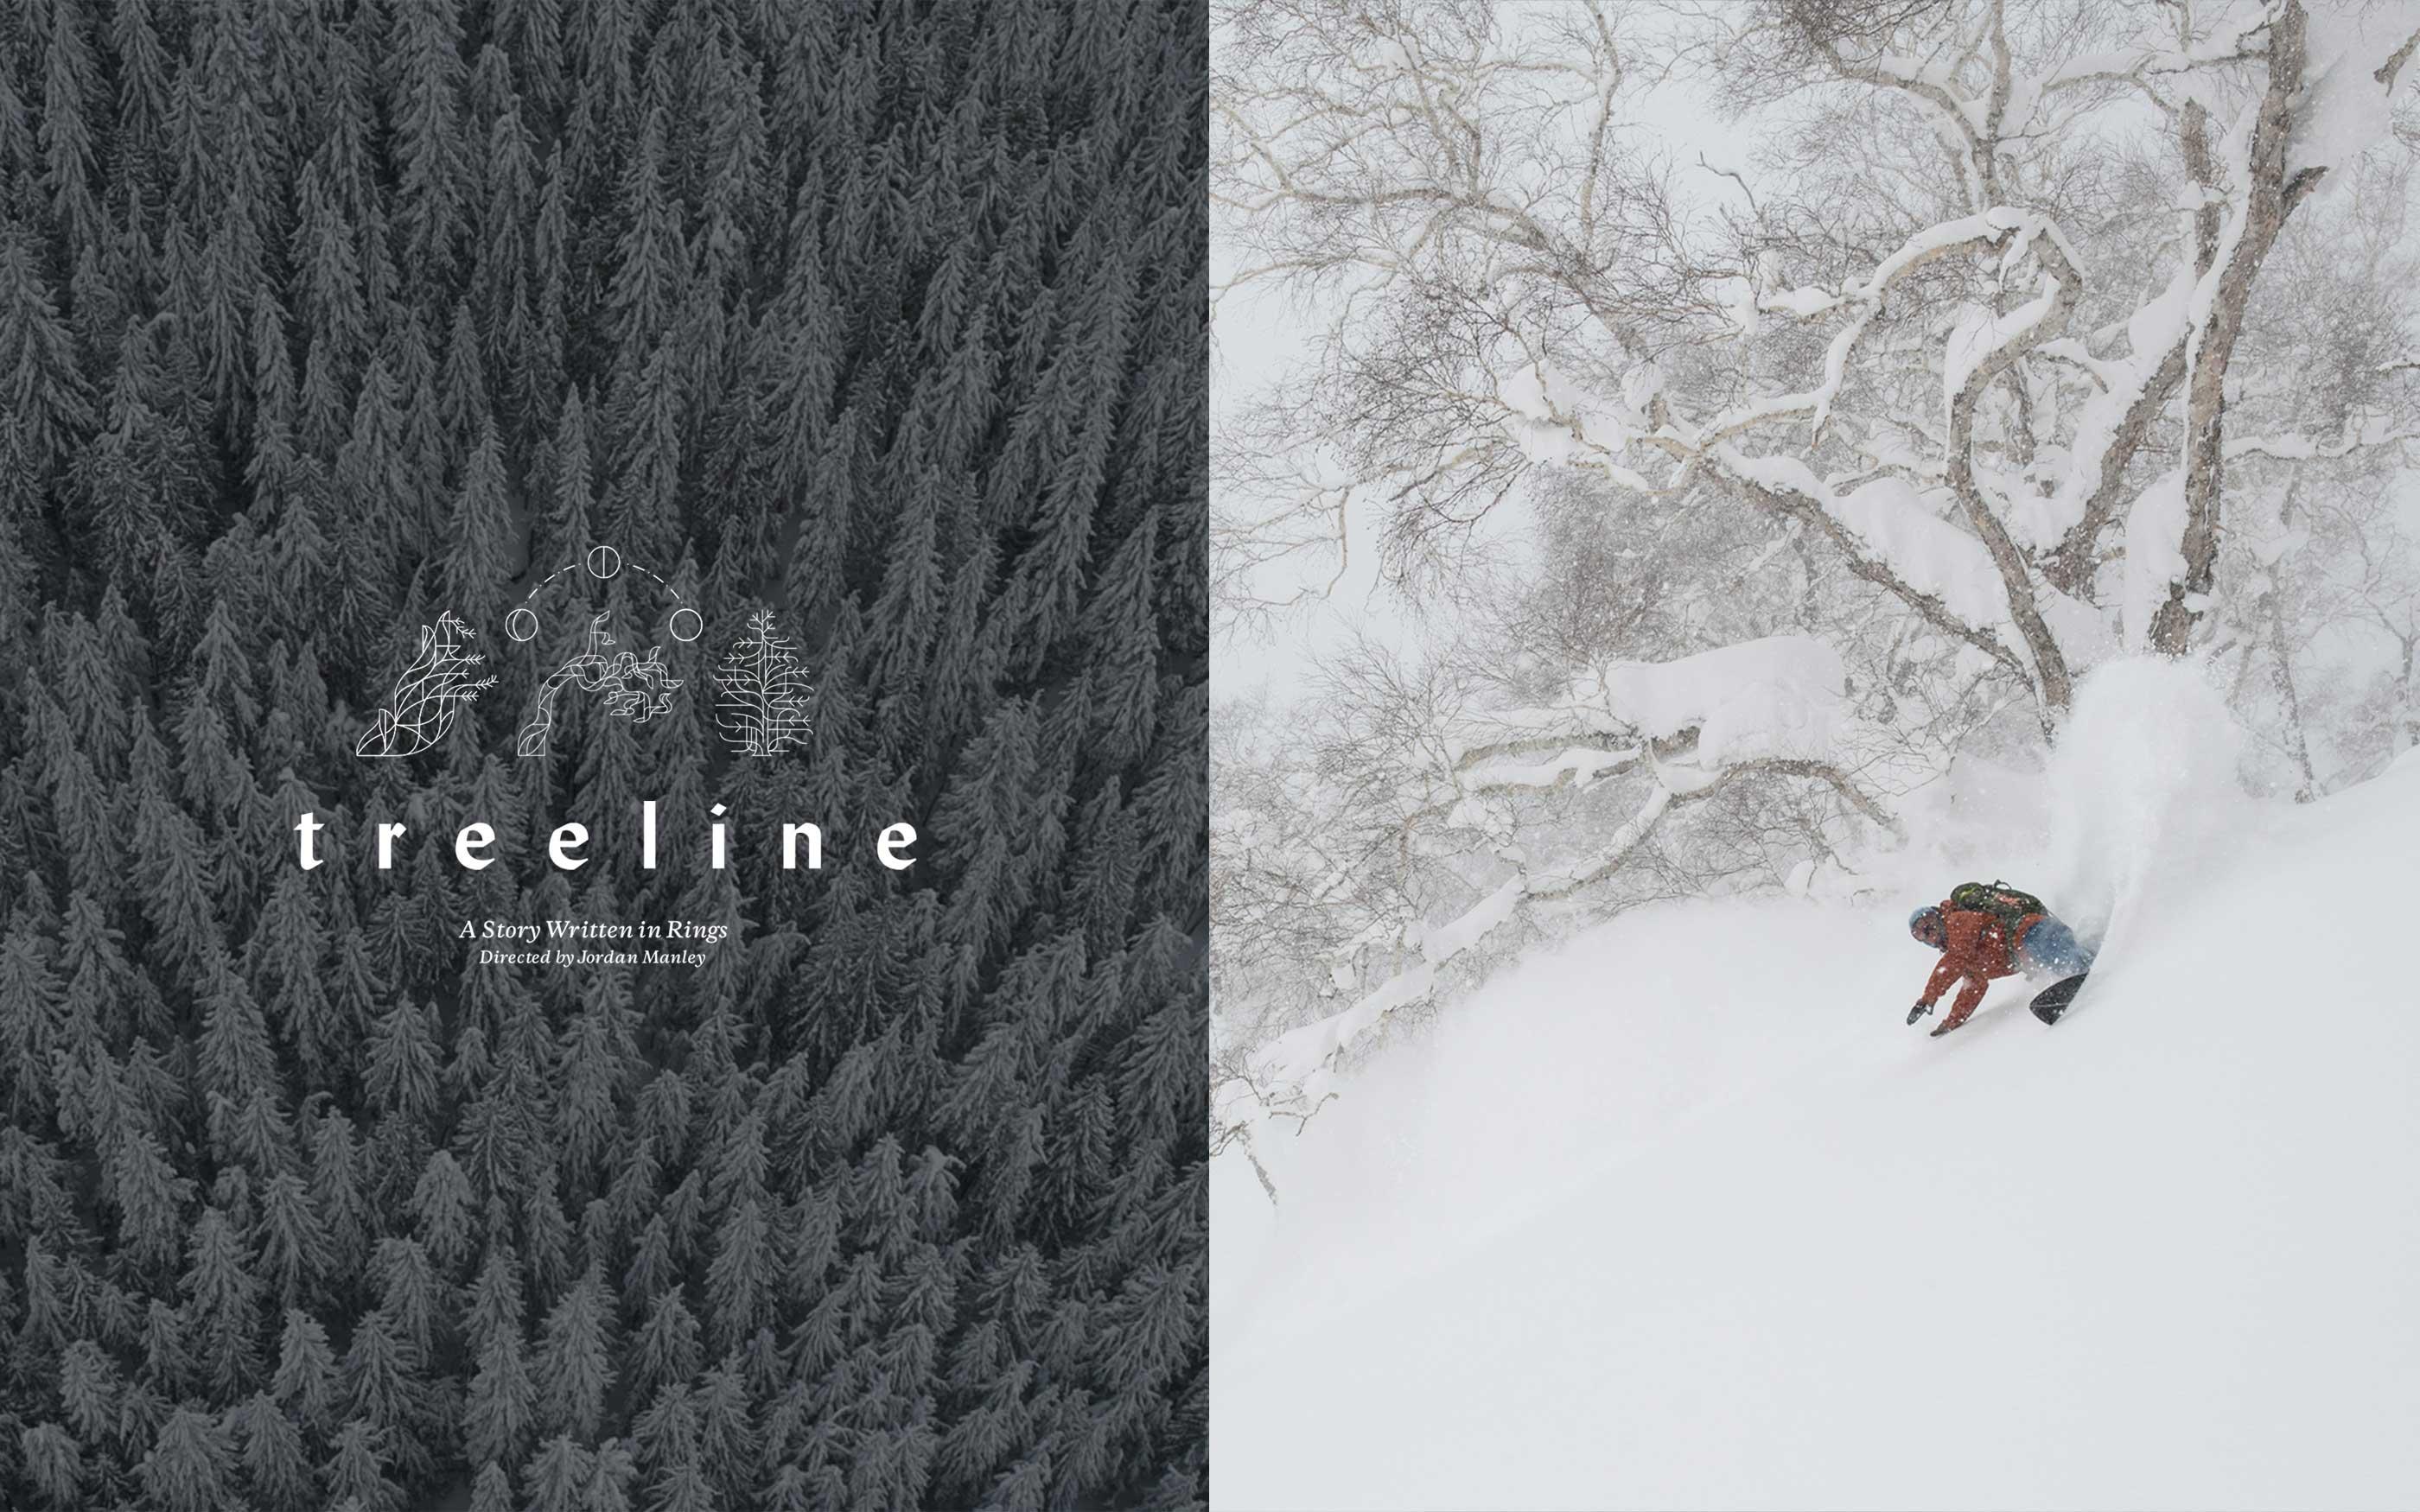 Patagonia film freeride Treeline